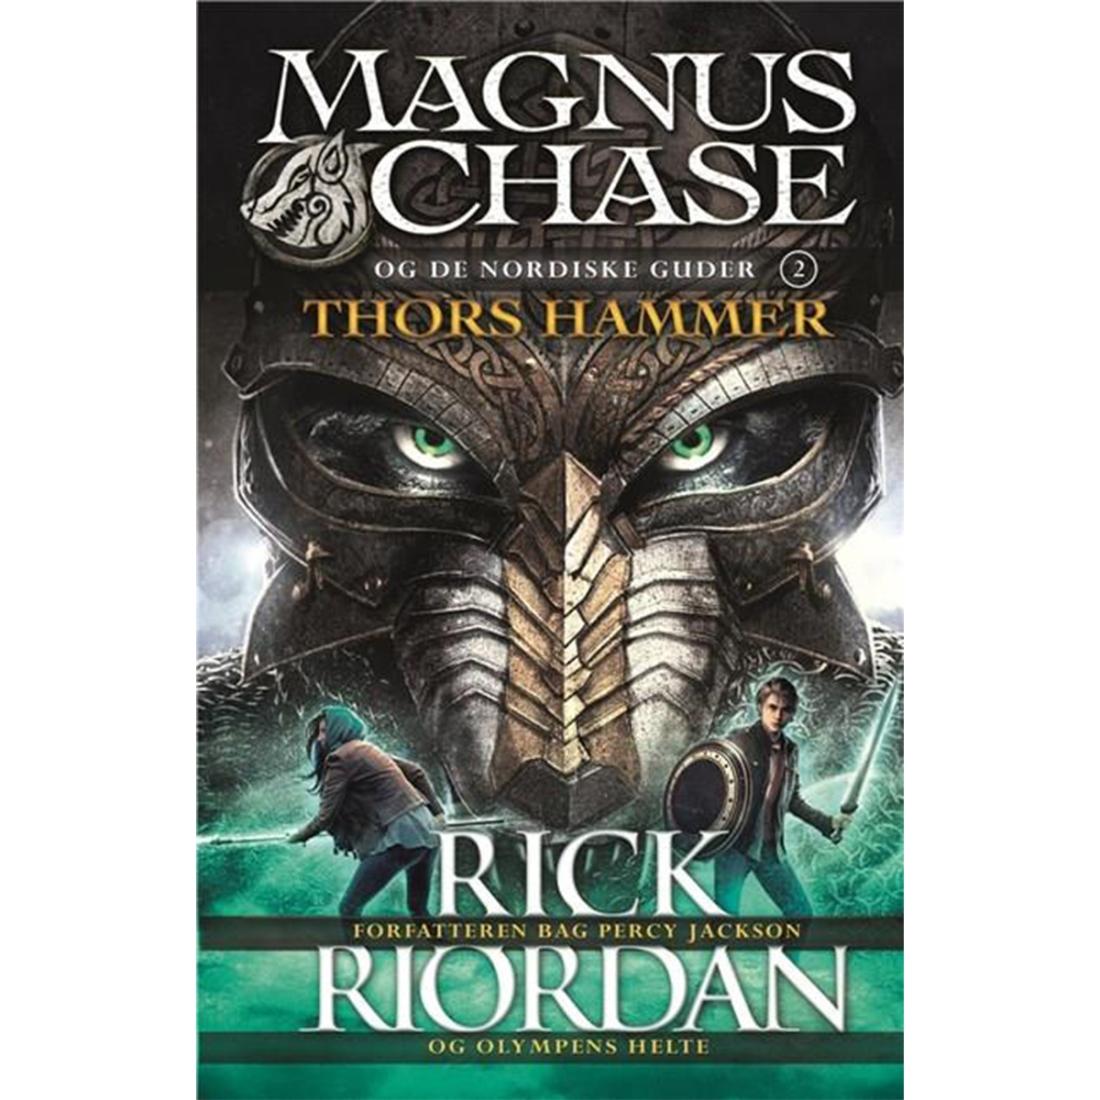 thors-hammer-magnus-chase-og-de-nordiske-guder-2-hardback-af-rick-riordan